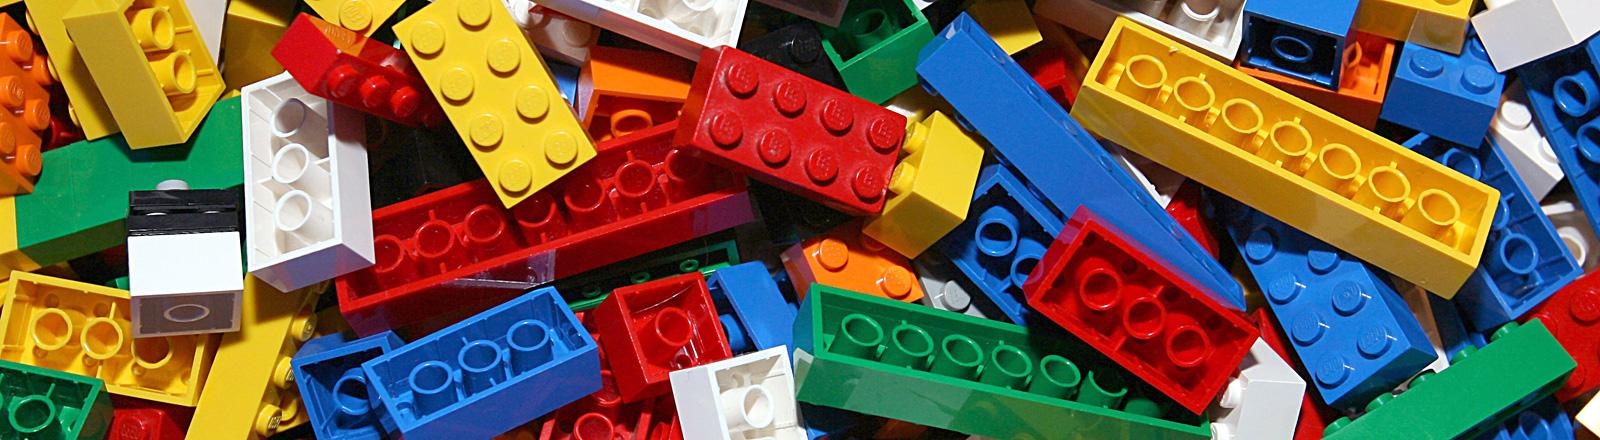 Ein Haufen bunter Lego-Steine; Bild: dpa